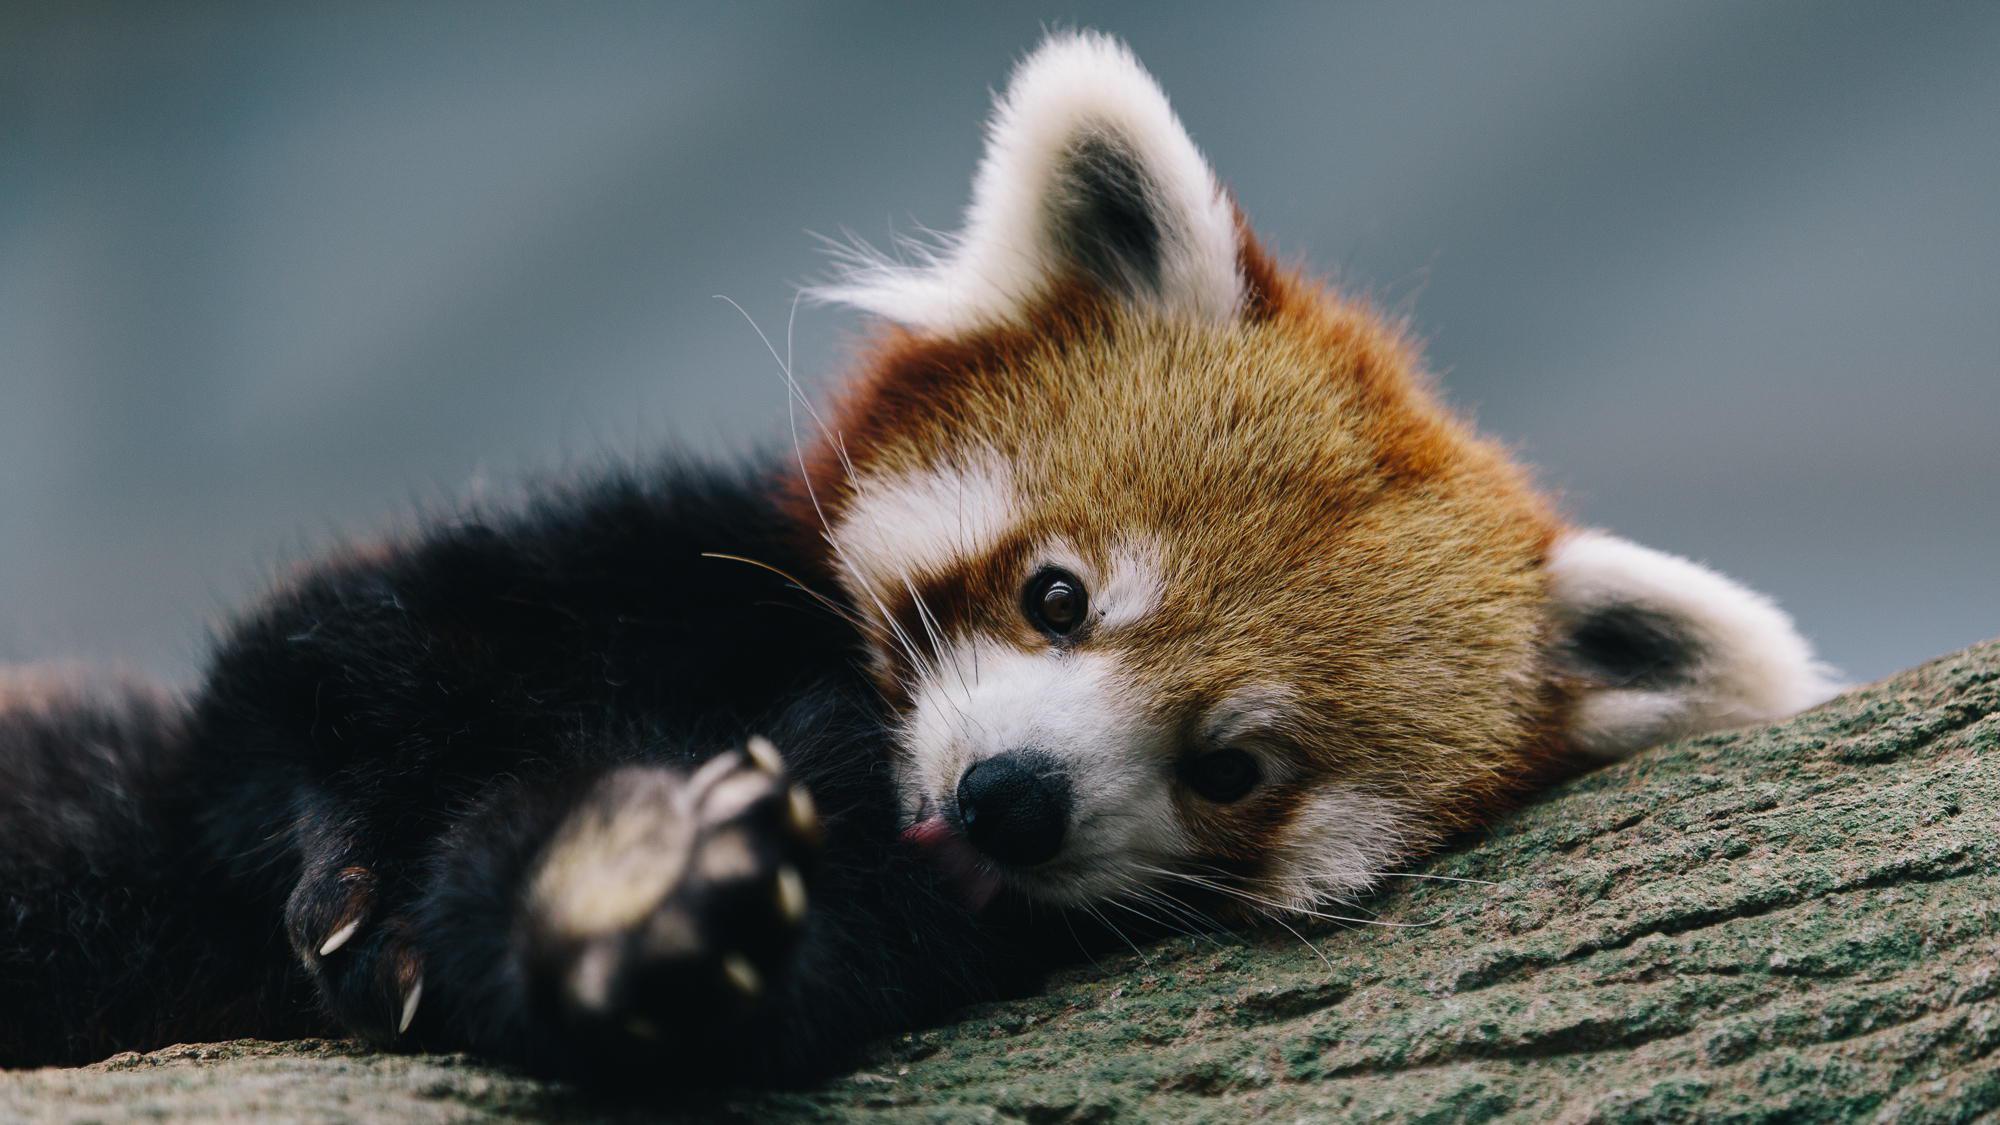 Red Panda Wallpaper HD - WallpaperSafari